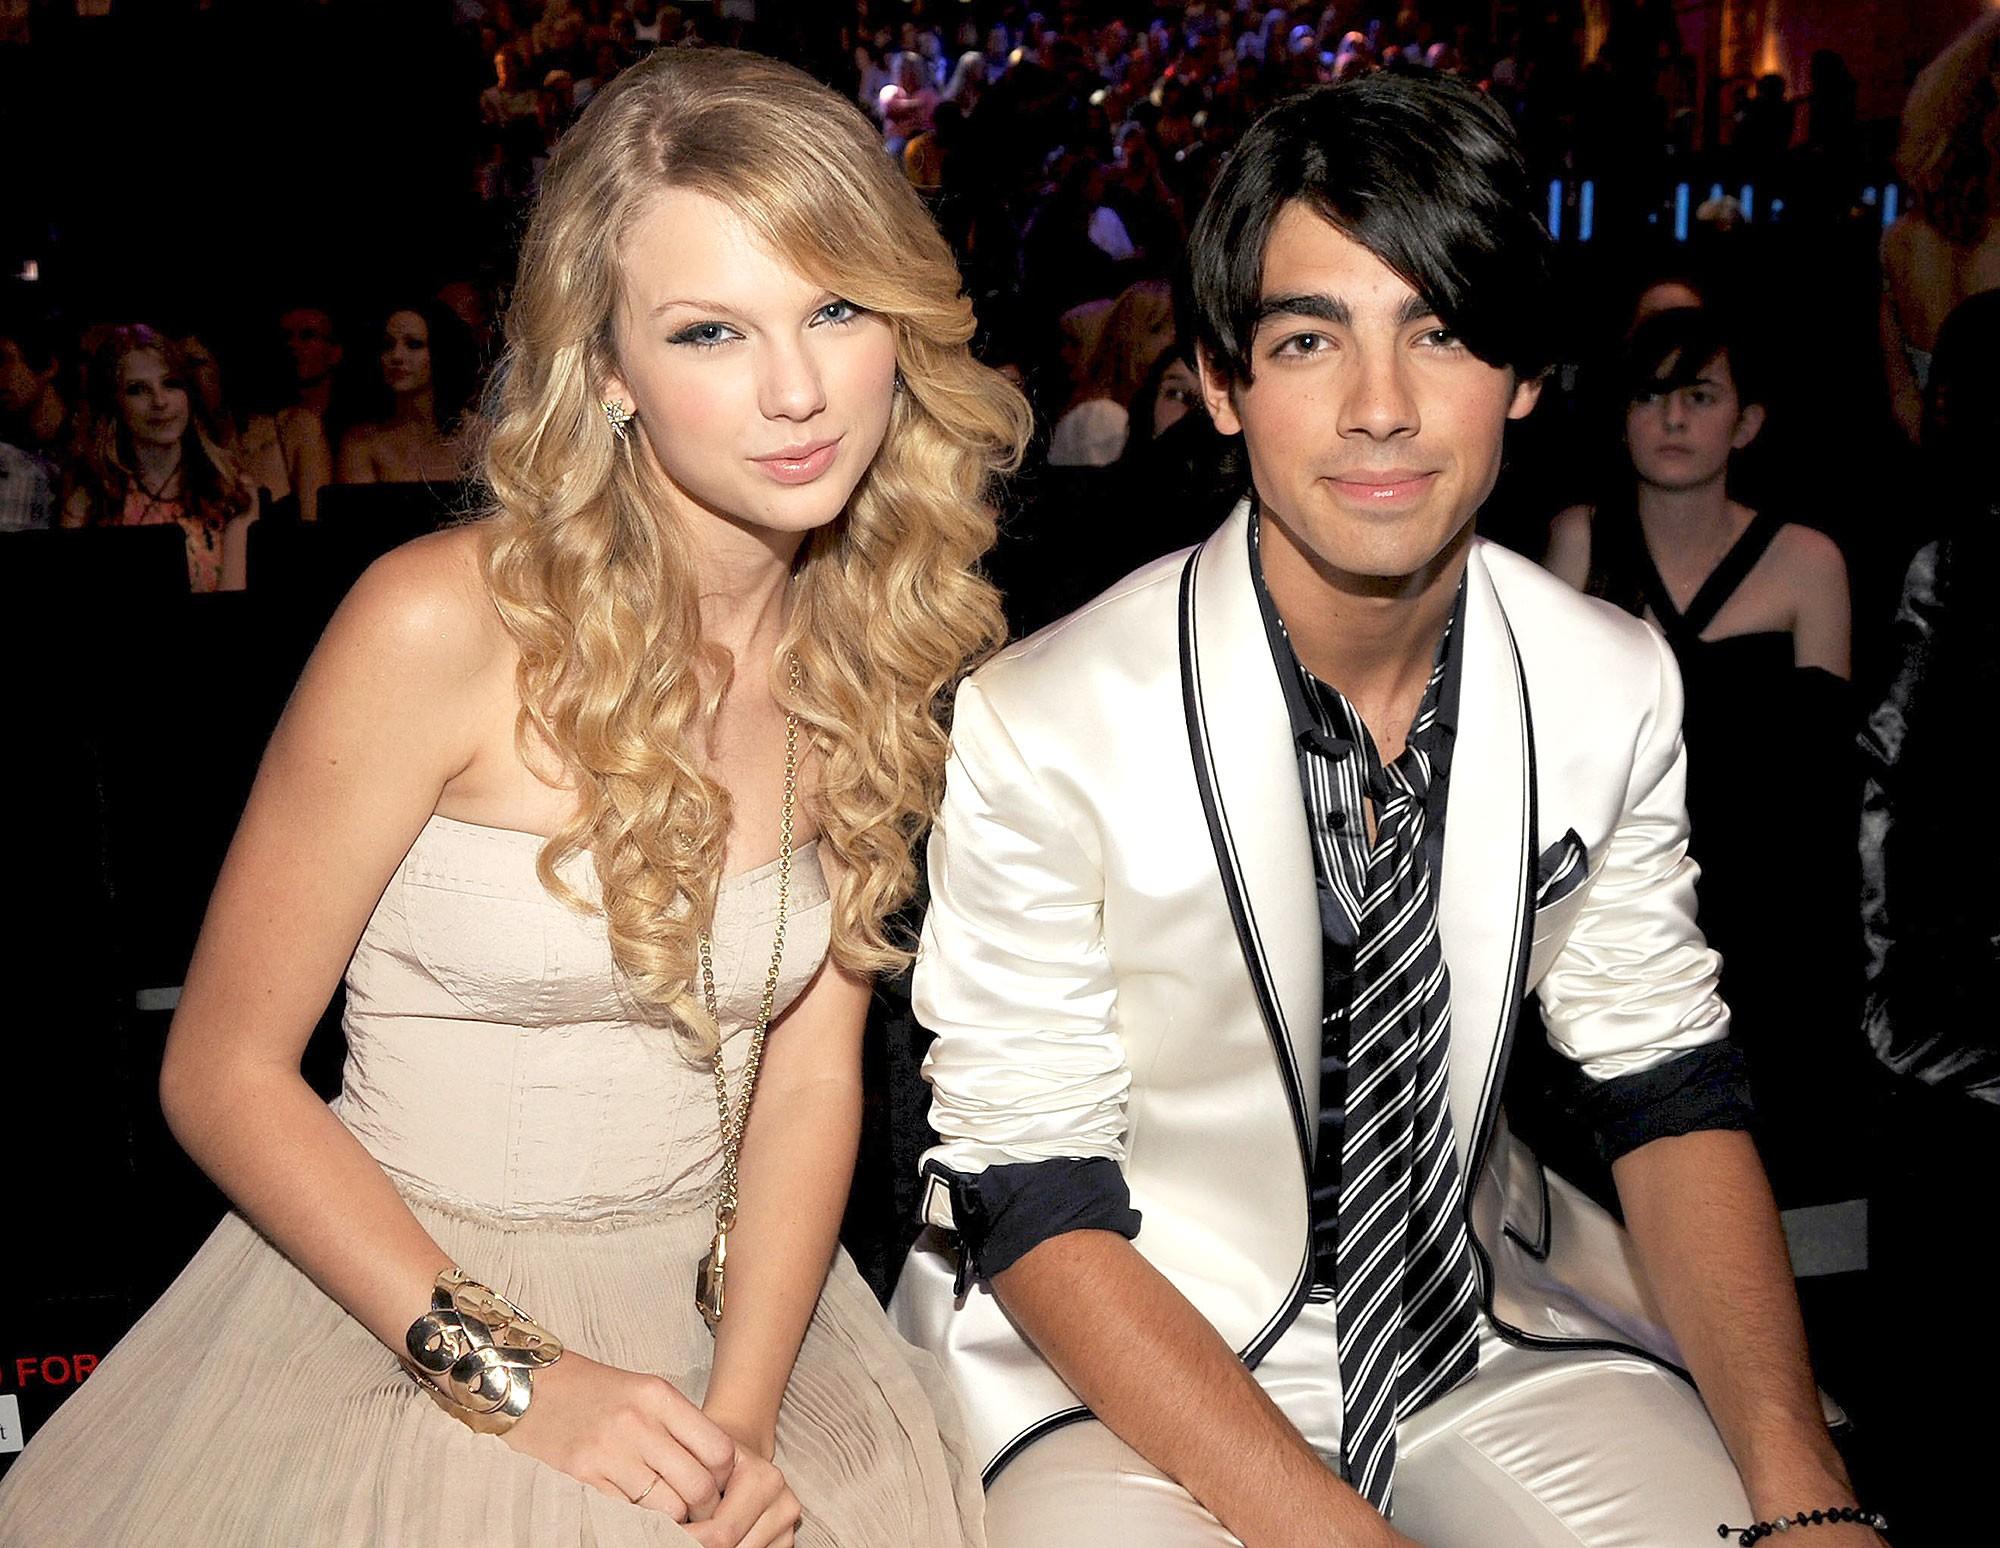 Nói xấu tình cũ thì nhiều nhưng lần đầu thấy Taylor Swift công khai nhận lỗi với một người trong số đó - Ảnh 2.